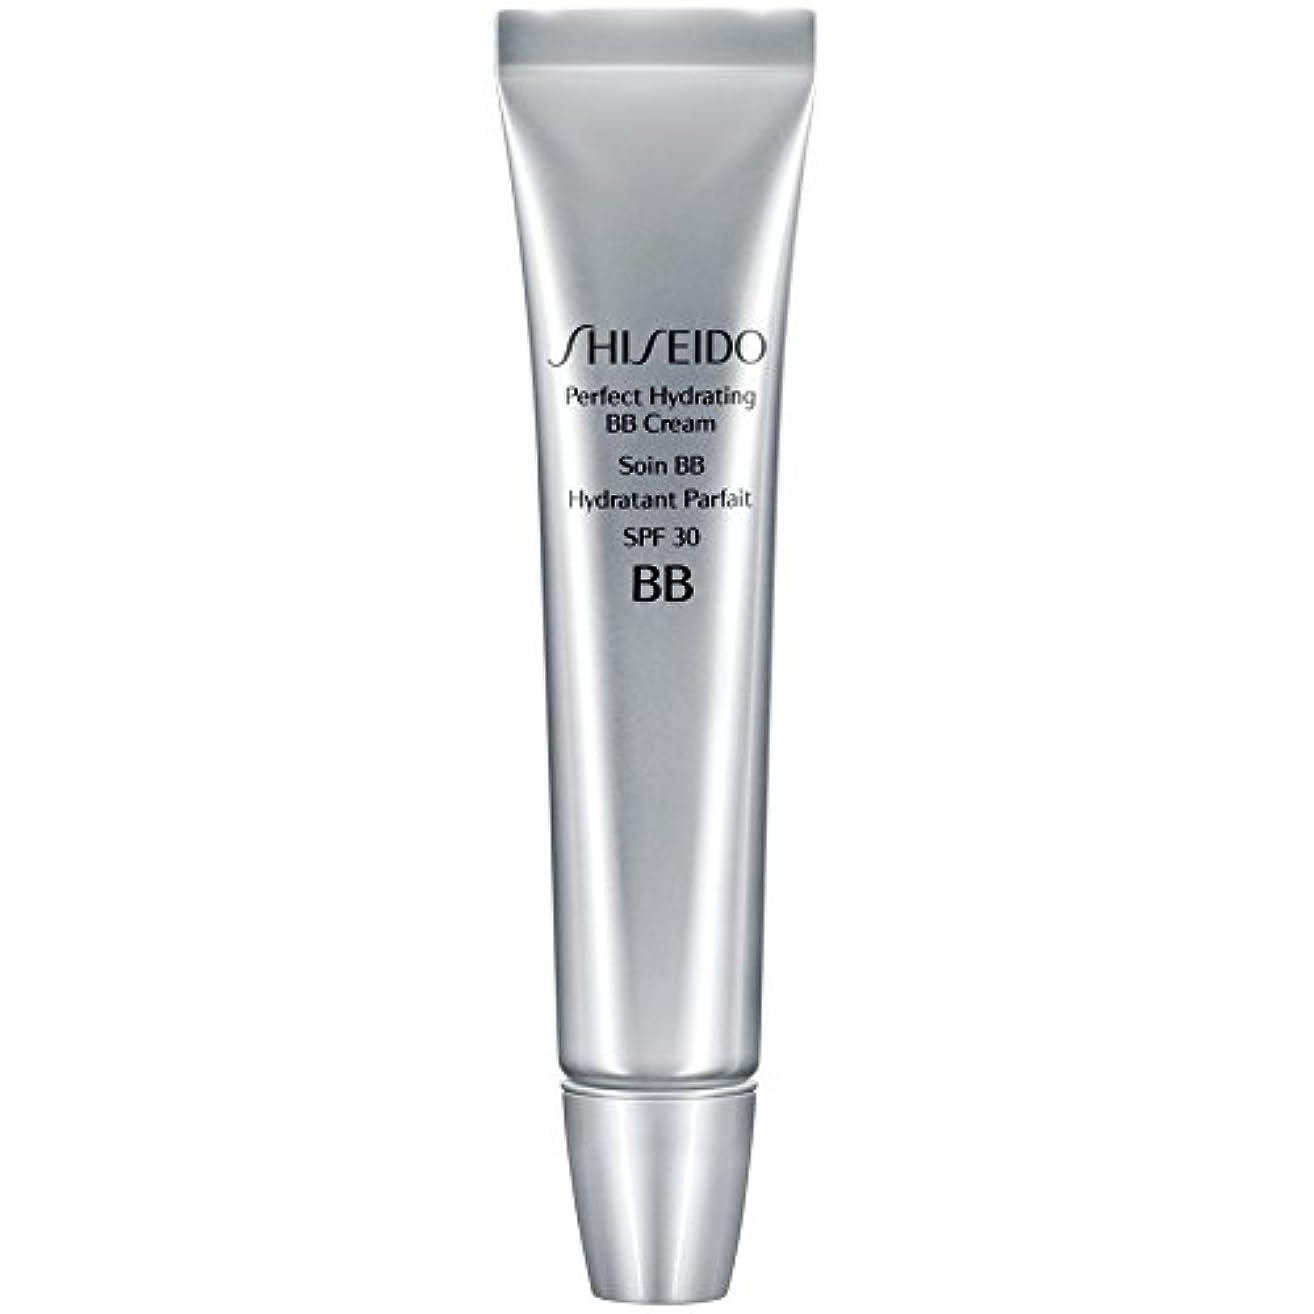 ファックス休みオフ[Shiseido ] 資生堂完璧な水和BbクリームSpf 30 30ミリリットル媒体 - Shiseido Perfect Hydrating BB Cream SPF 30 30ml Medium [並行輸入品]